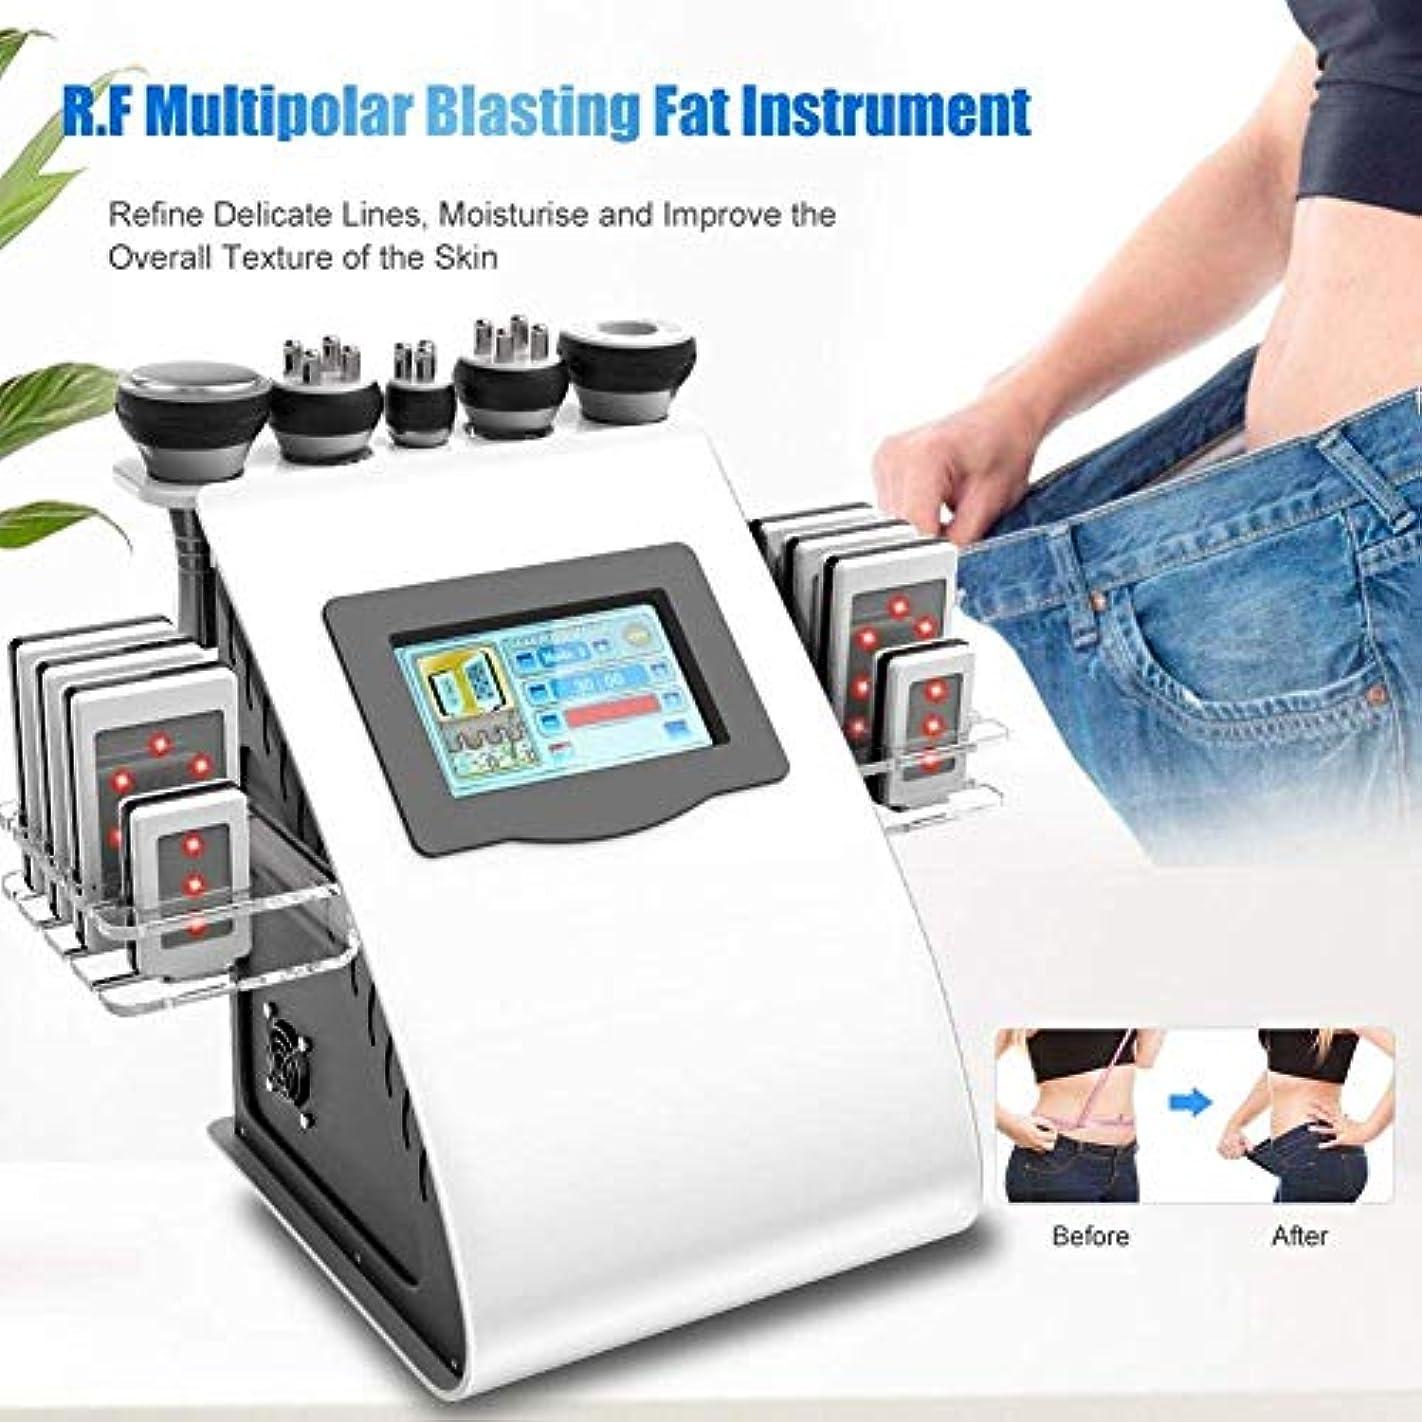 名義で妨げる遊具5 in 1 ボディシェイピング 脂肪燃焼 機械、 美人 ケア デバイス マッサージャー、 プロ 顔と体 Slim身 処理 デバイス 機械